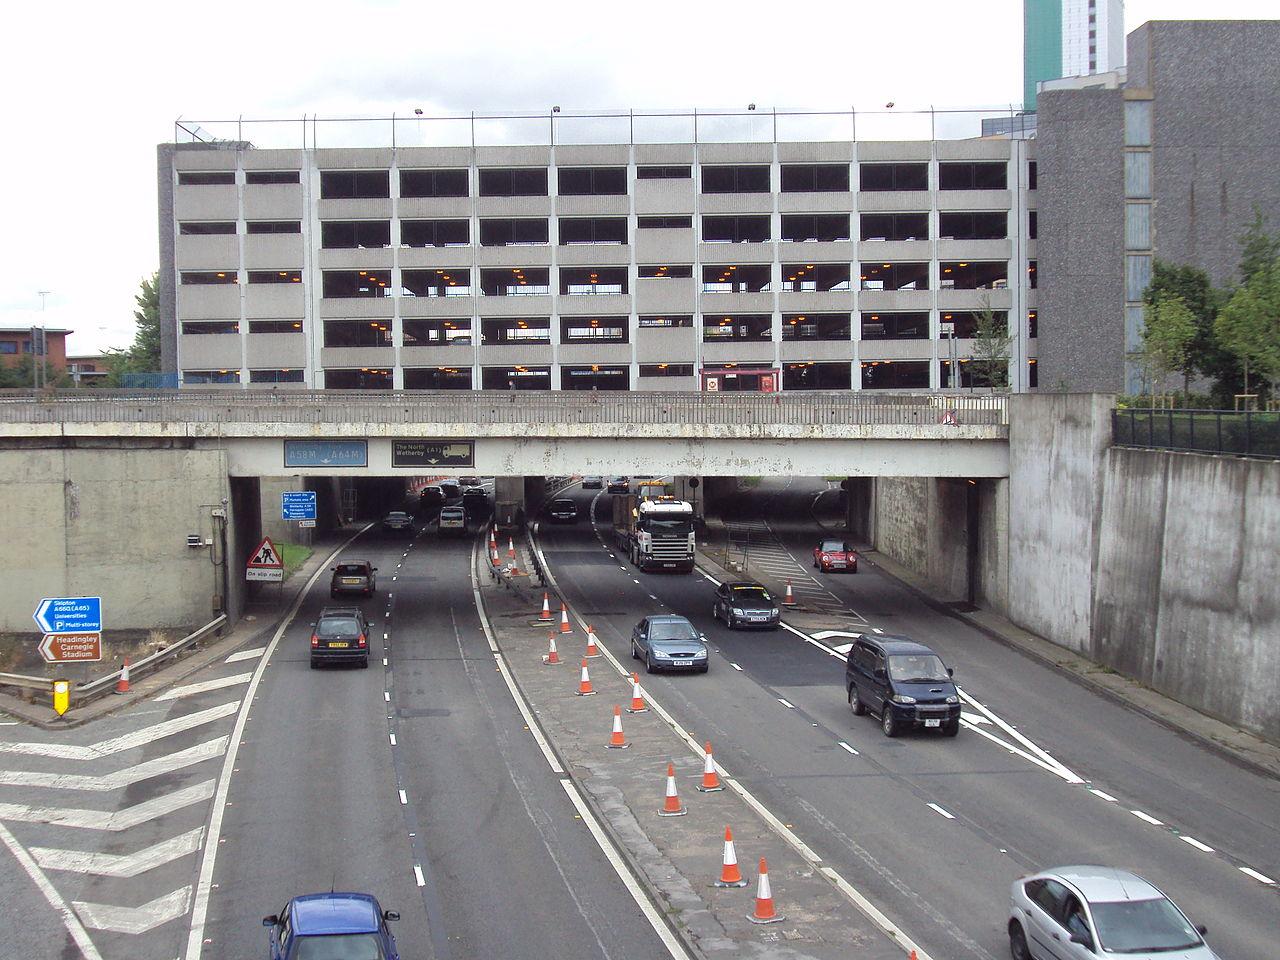 Woodhouse Lane Car Park Exits